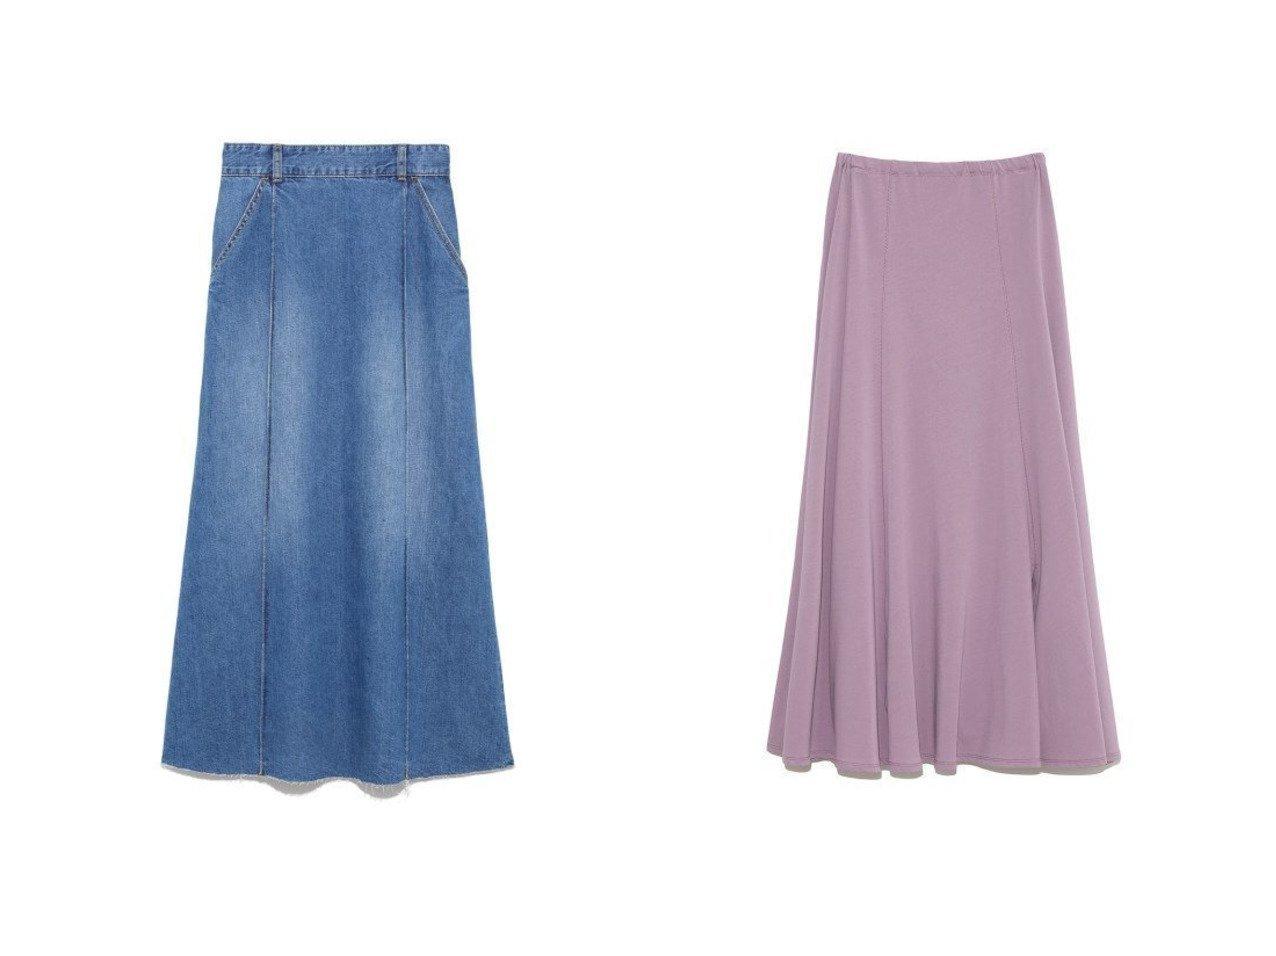 【Mila Owen/ミラオーウェン】のセンターコバデニムロングスカート&SET UPジャージナロースカート 【スカート】おすすめ!人気、トレンド・レディースファッションの通販 おすすめで人気の流行・トレンド、ファッションの通販商品 メンズファッション・キッズファッション・インテリア・家具・レディースファッション・服の通販 founy(ファニー) https://founy.com/ ファッション Fashion レディースファッション WOMEN スカート Skirt ロングスカート Long Skirt ウォッシャブル ジャージ ジャージー スマート パジャマ パープル リラックス ロング 再入荷 Restock/Back in Stock/Re Arrival |ID:crp329100000031425